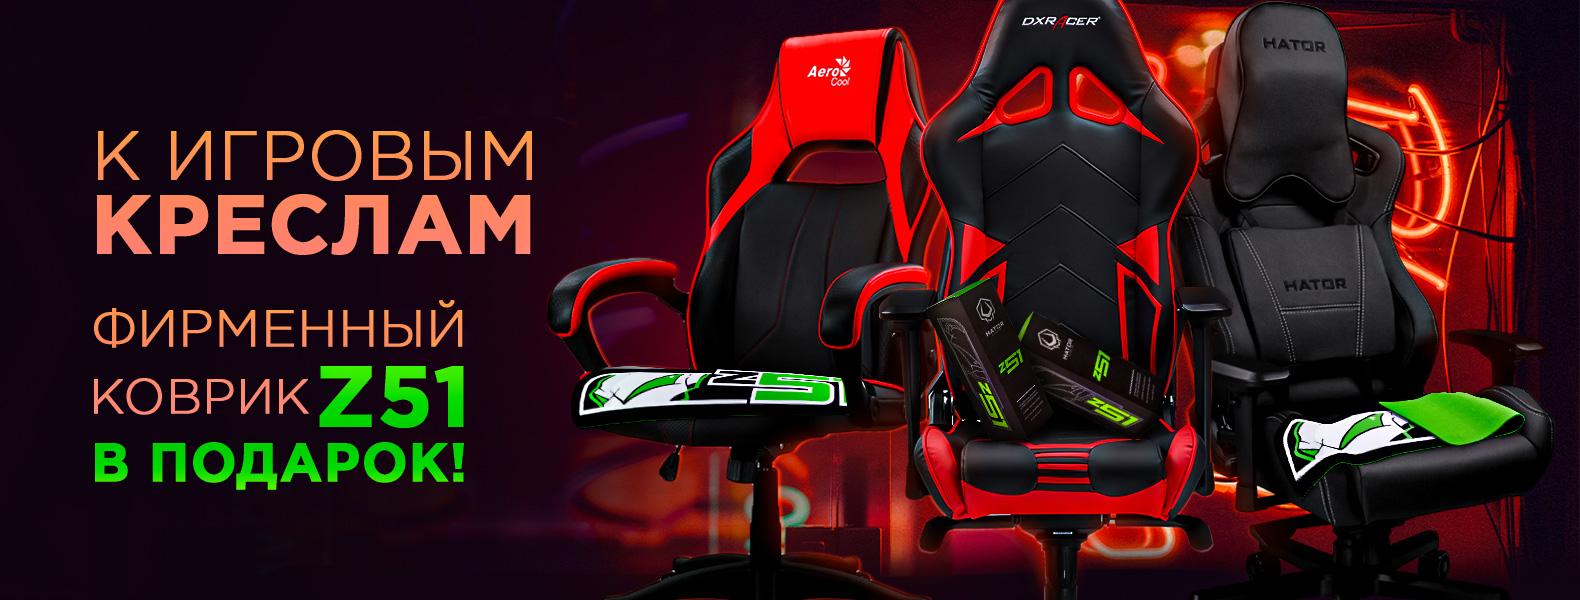 При покупке кресла вы гарантировано получаете в подарок игровую поверхность Hator z51 Edition